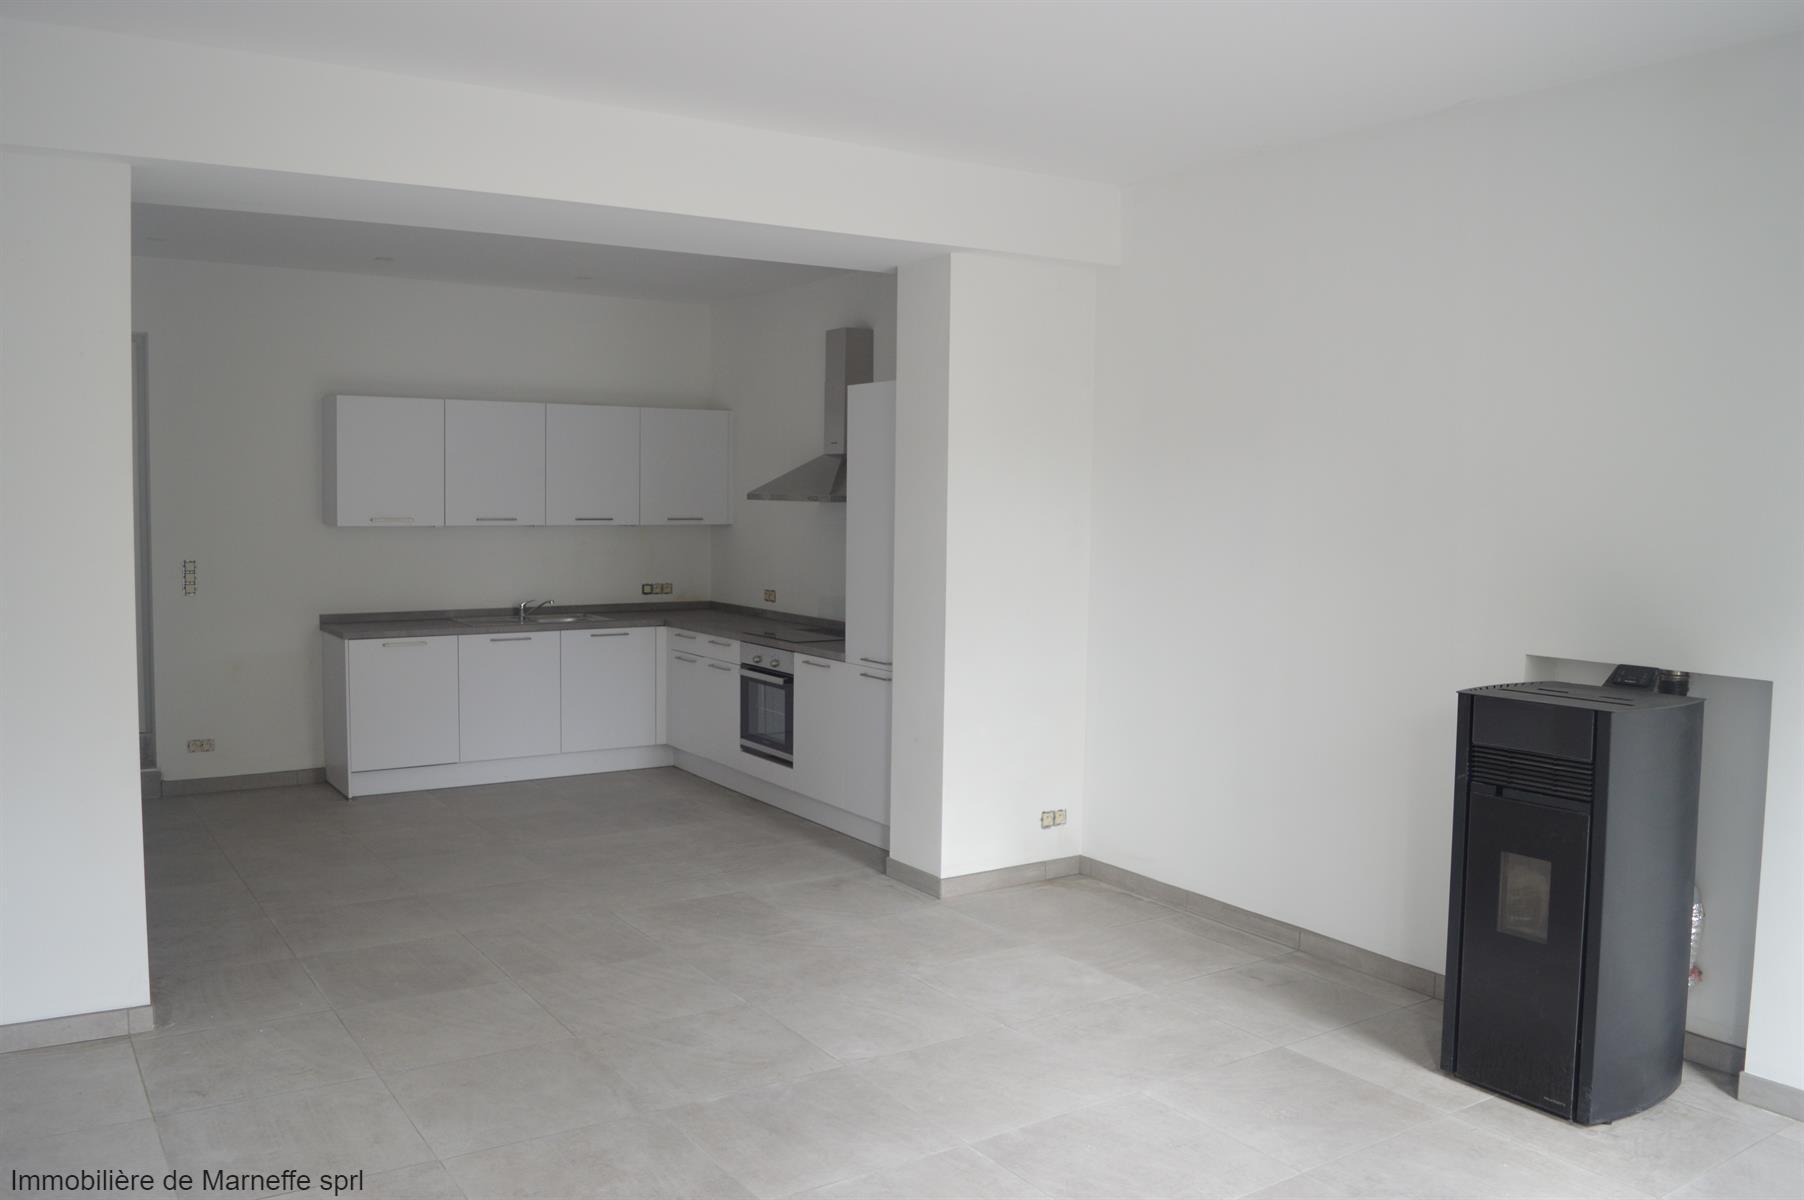 Maison - Verlaine - #4442592-1